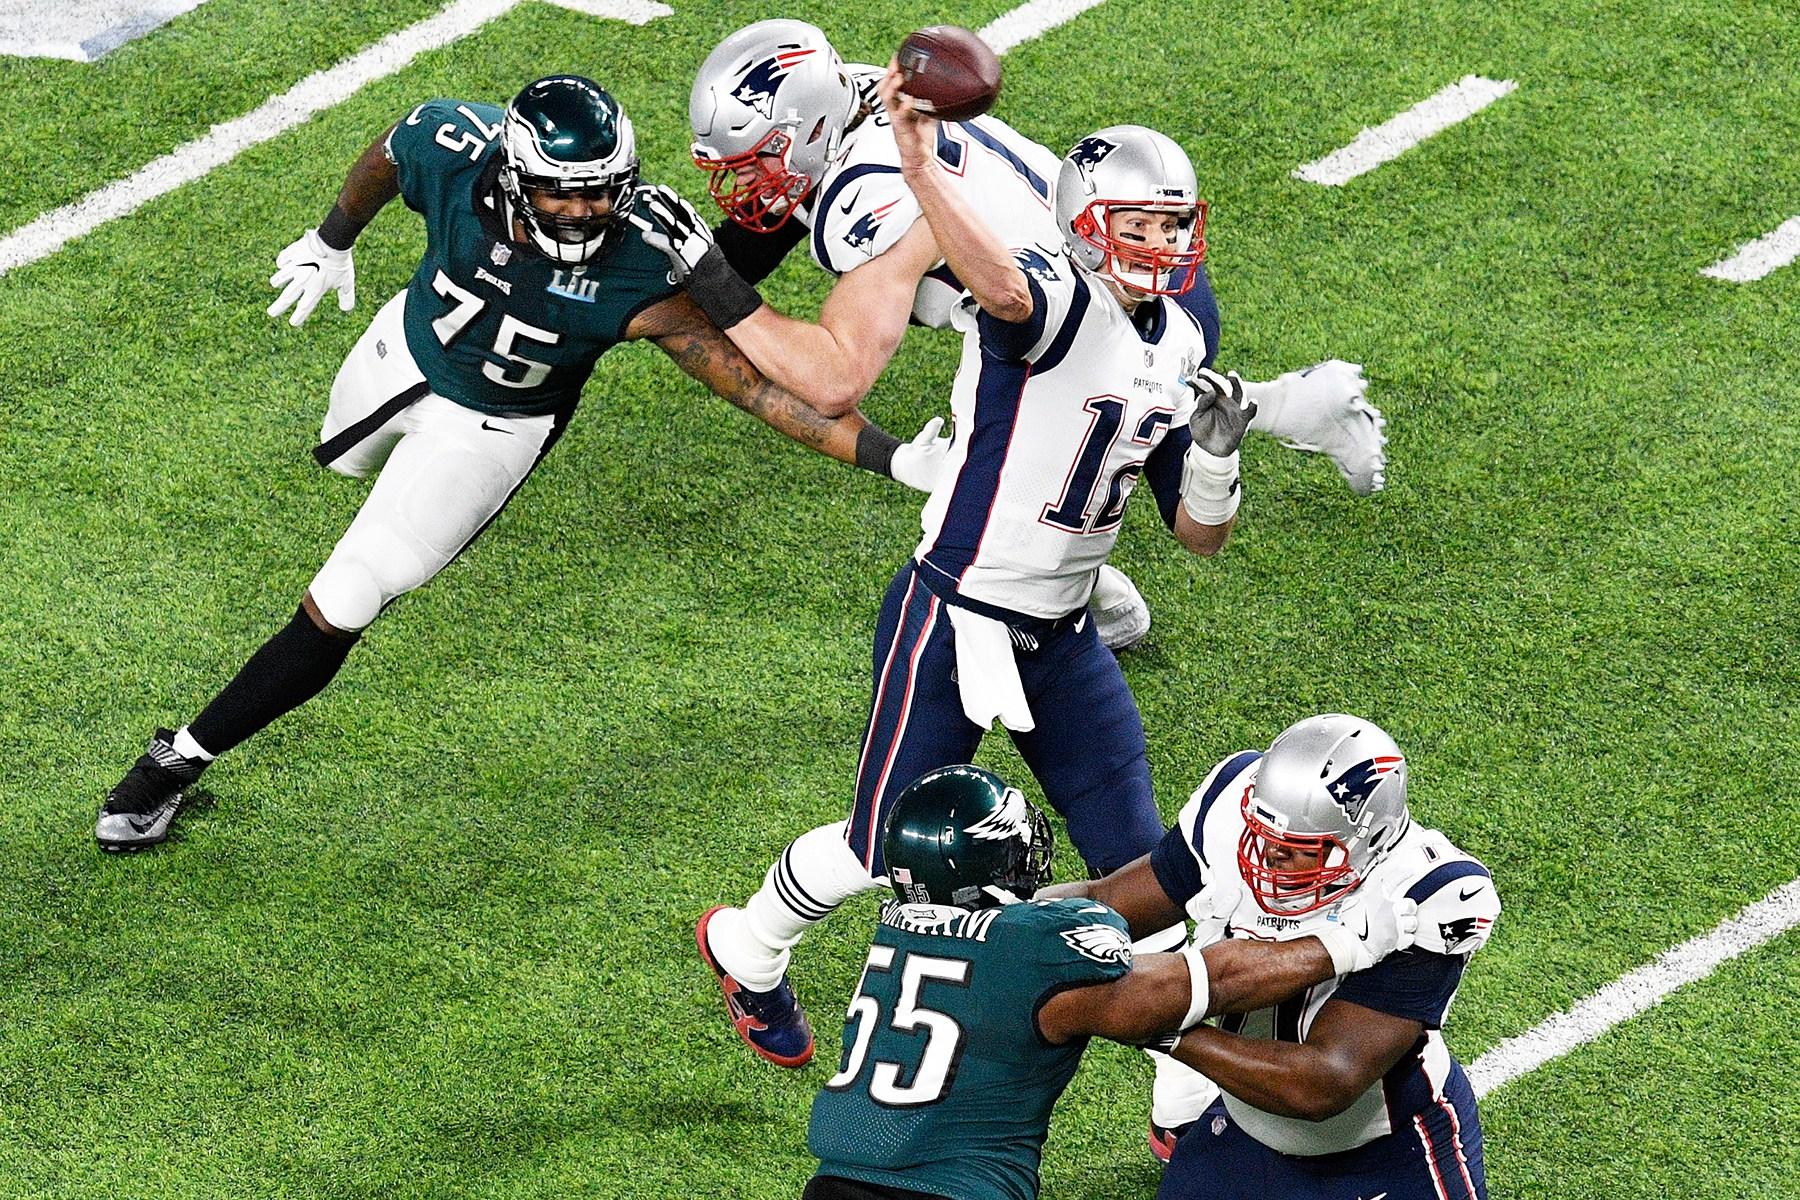 NBC Explains Abrupt Blackout During 2018 Super Bowl